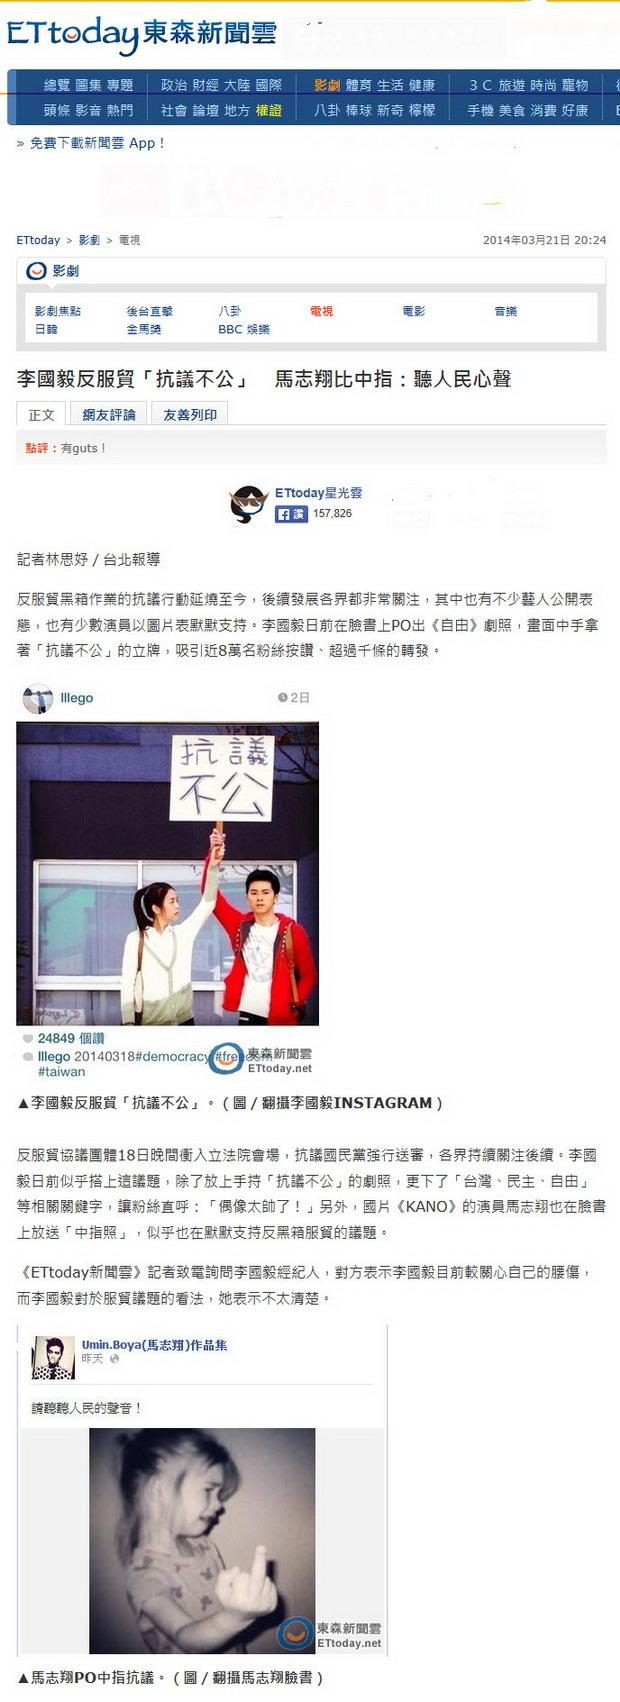 李國毅反服貿「抗議不公」 馬志翔比中指:聽人民心聲 -2014.03.21.jpg